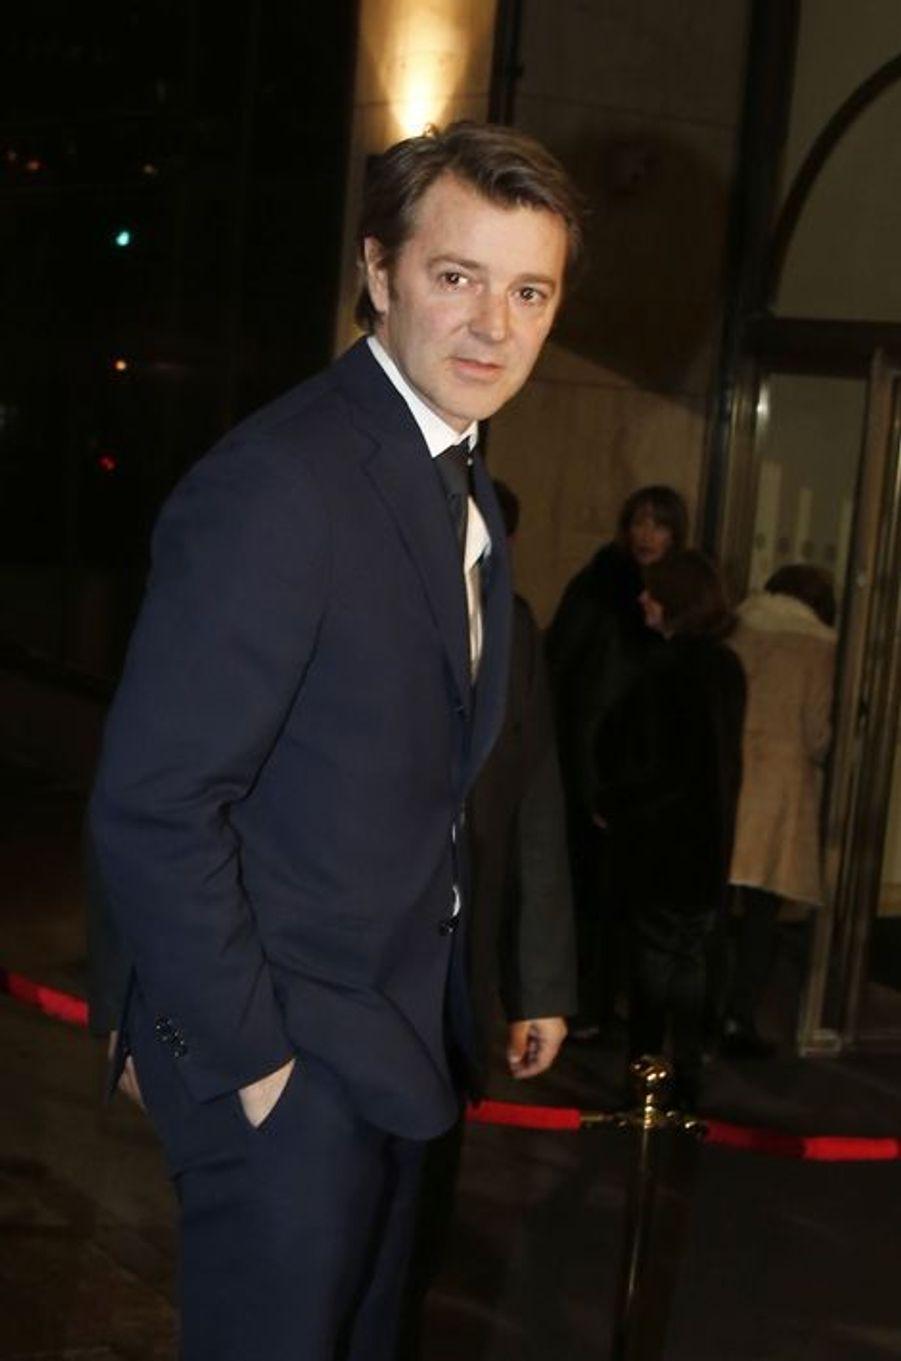 François Baroin au dîner annuel du Crif à Paris le 7 mars 2016